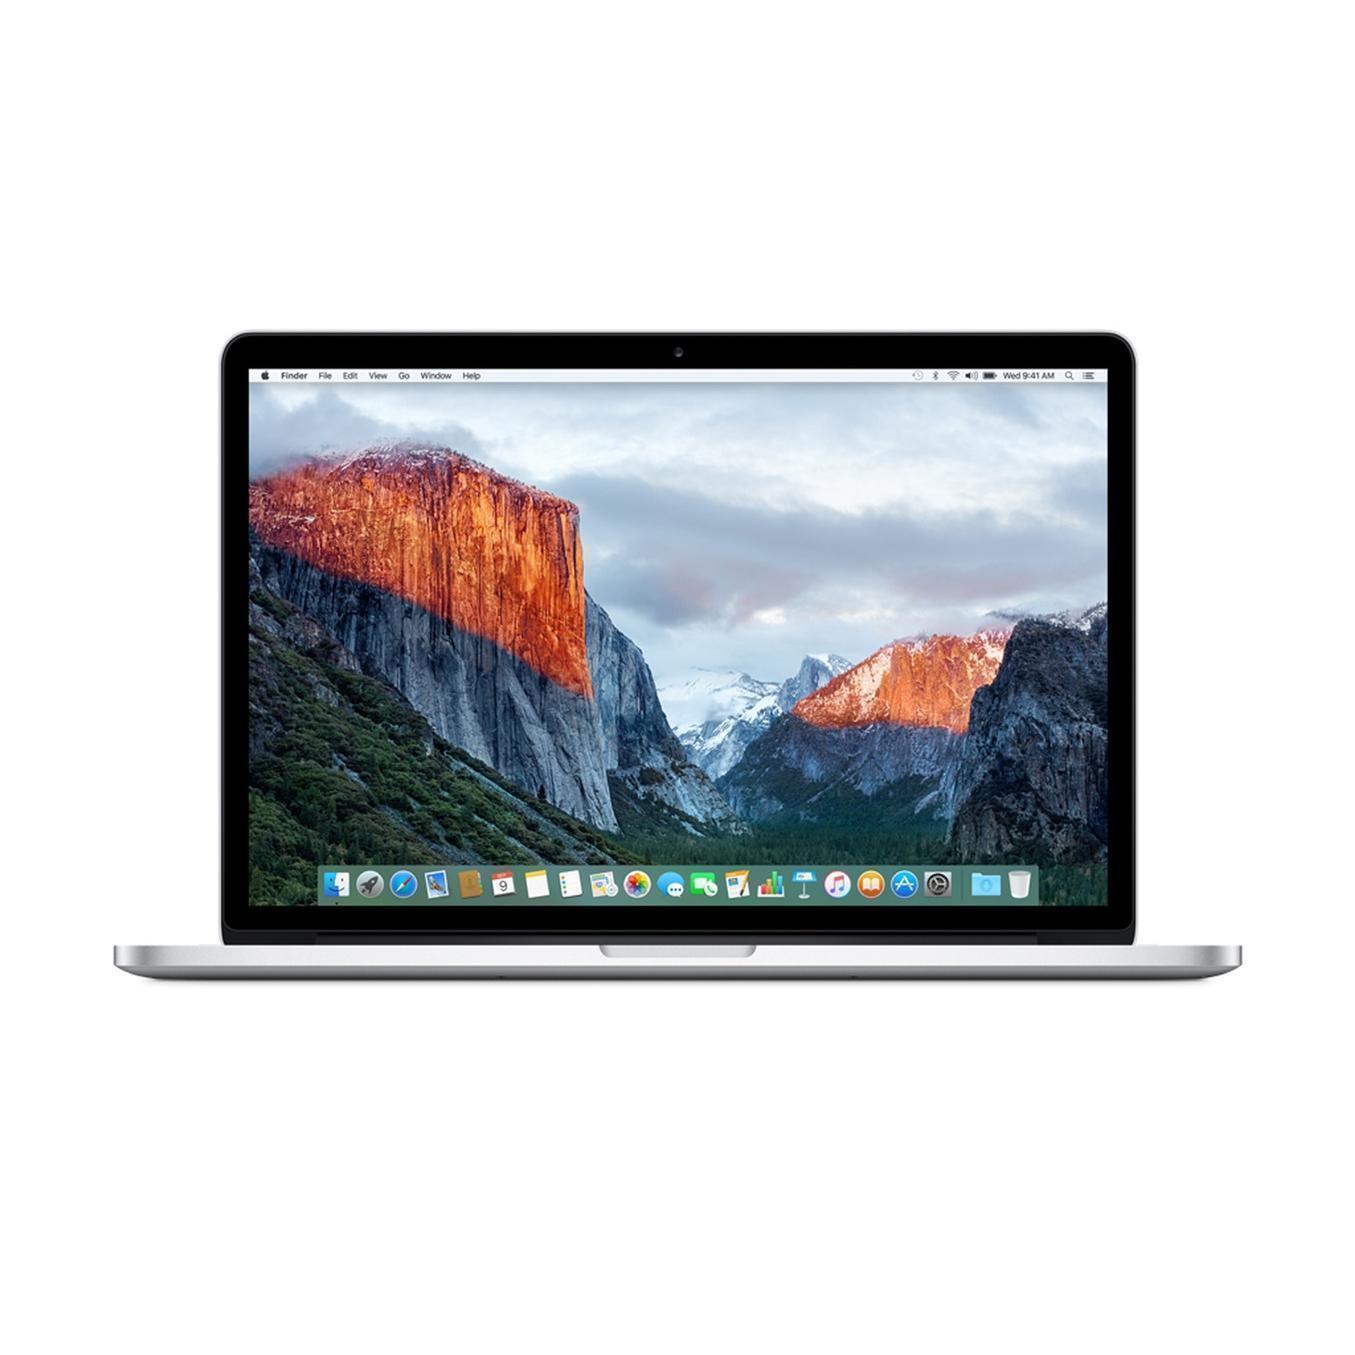 MacBook Pro Retina 15,4-tum (2012) - Core i7 - 16GB - SSD 256 GB QWERTY - Italienska